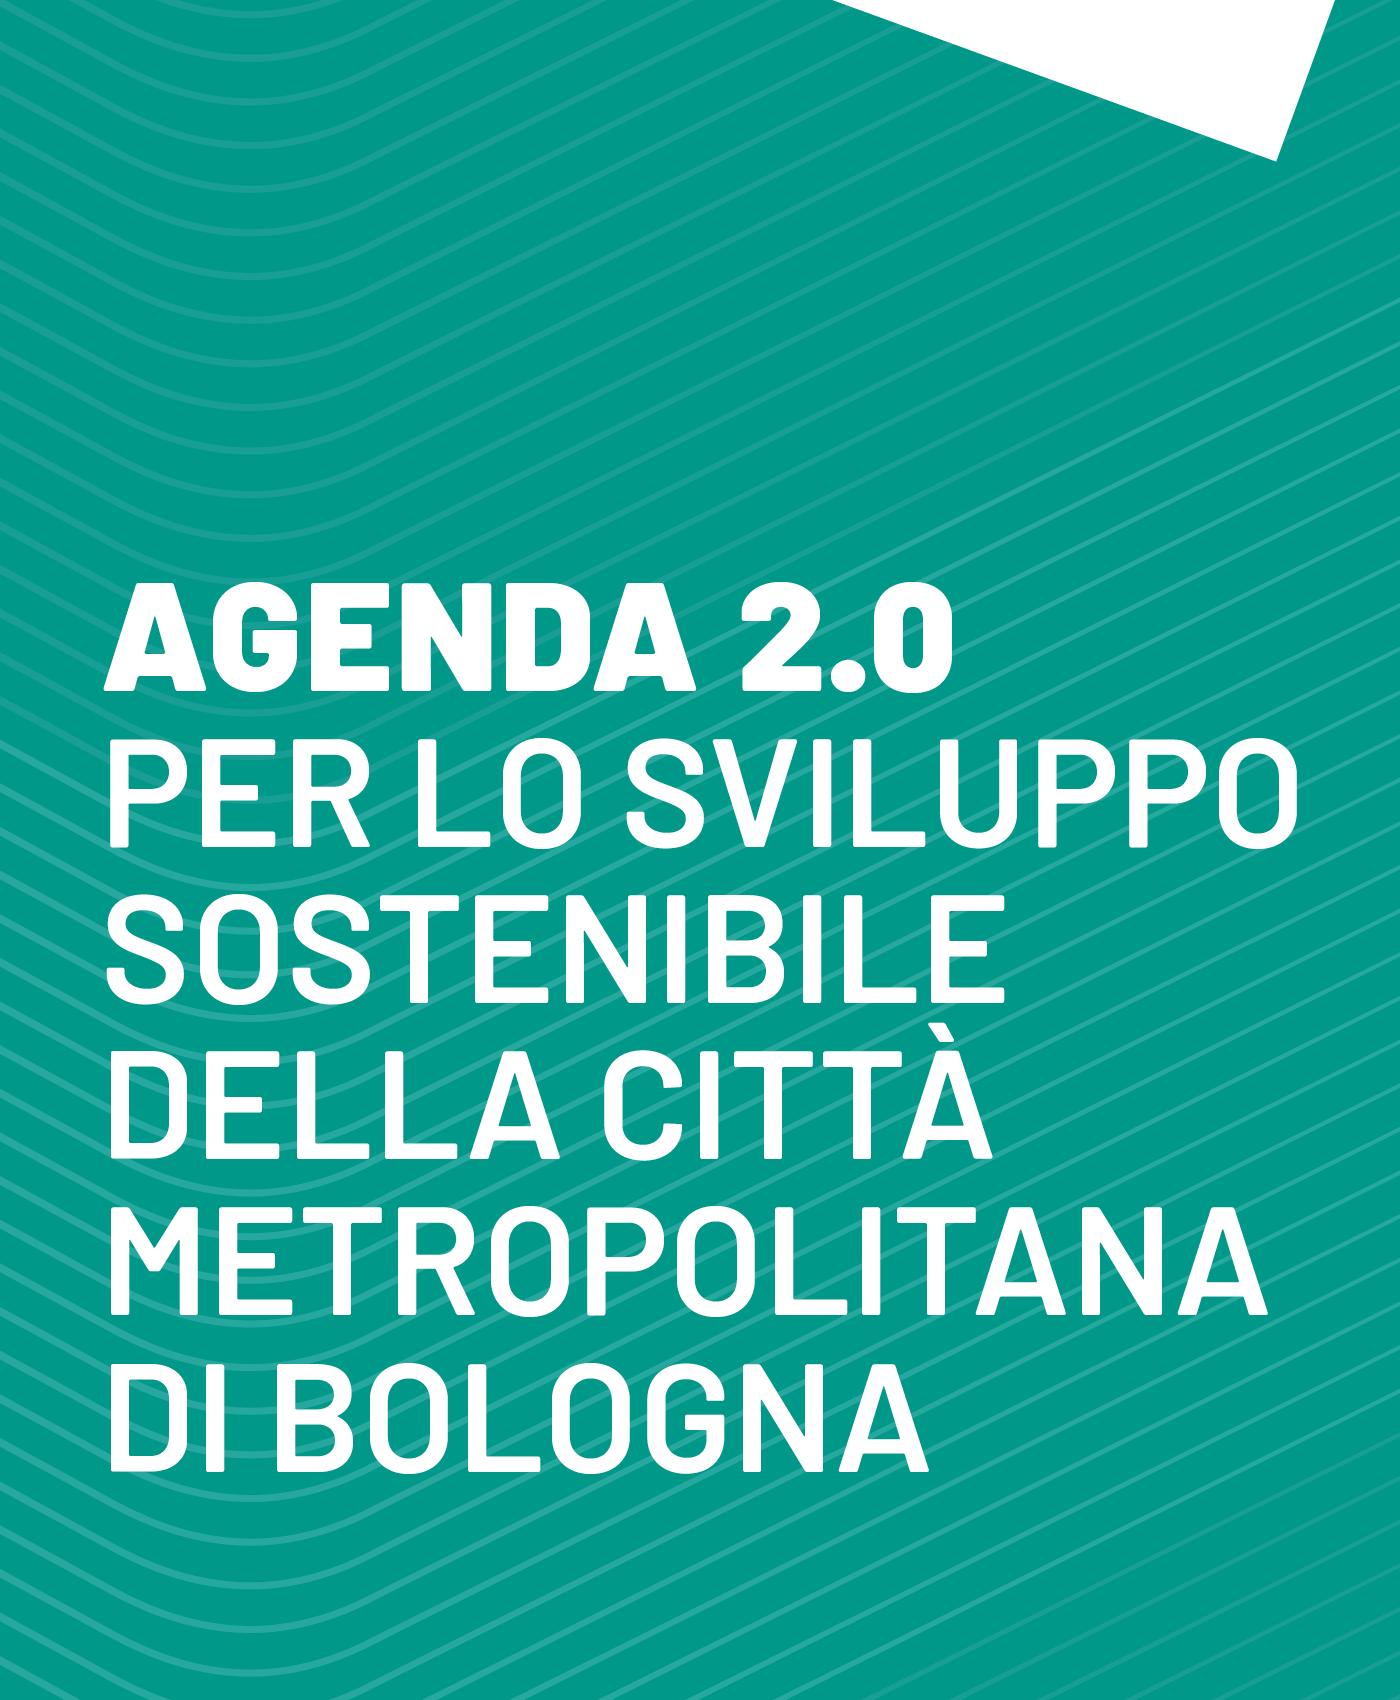 Agenda 2.0